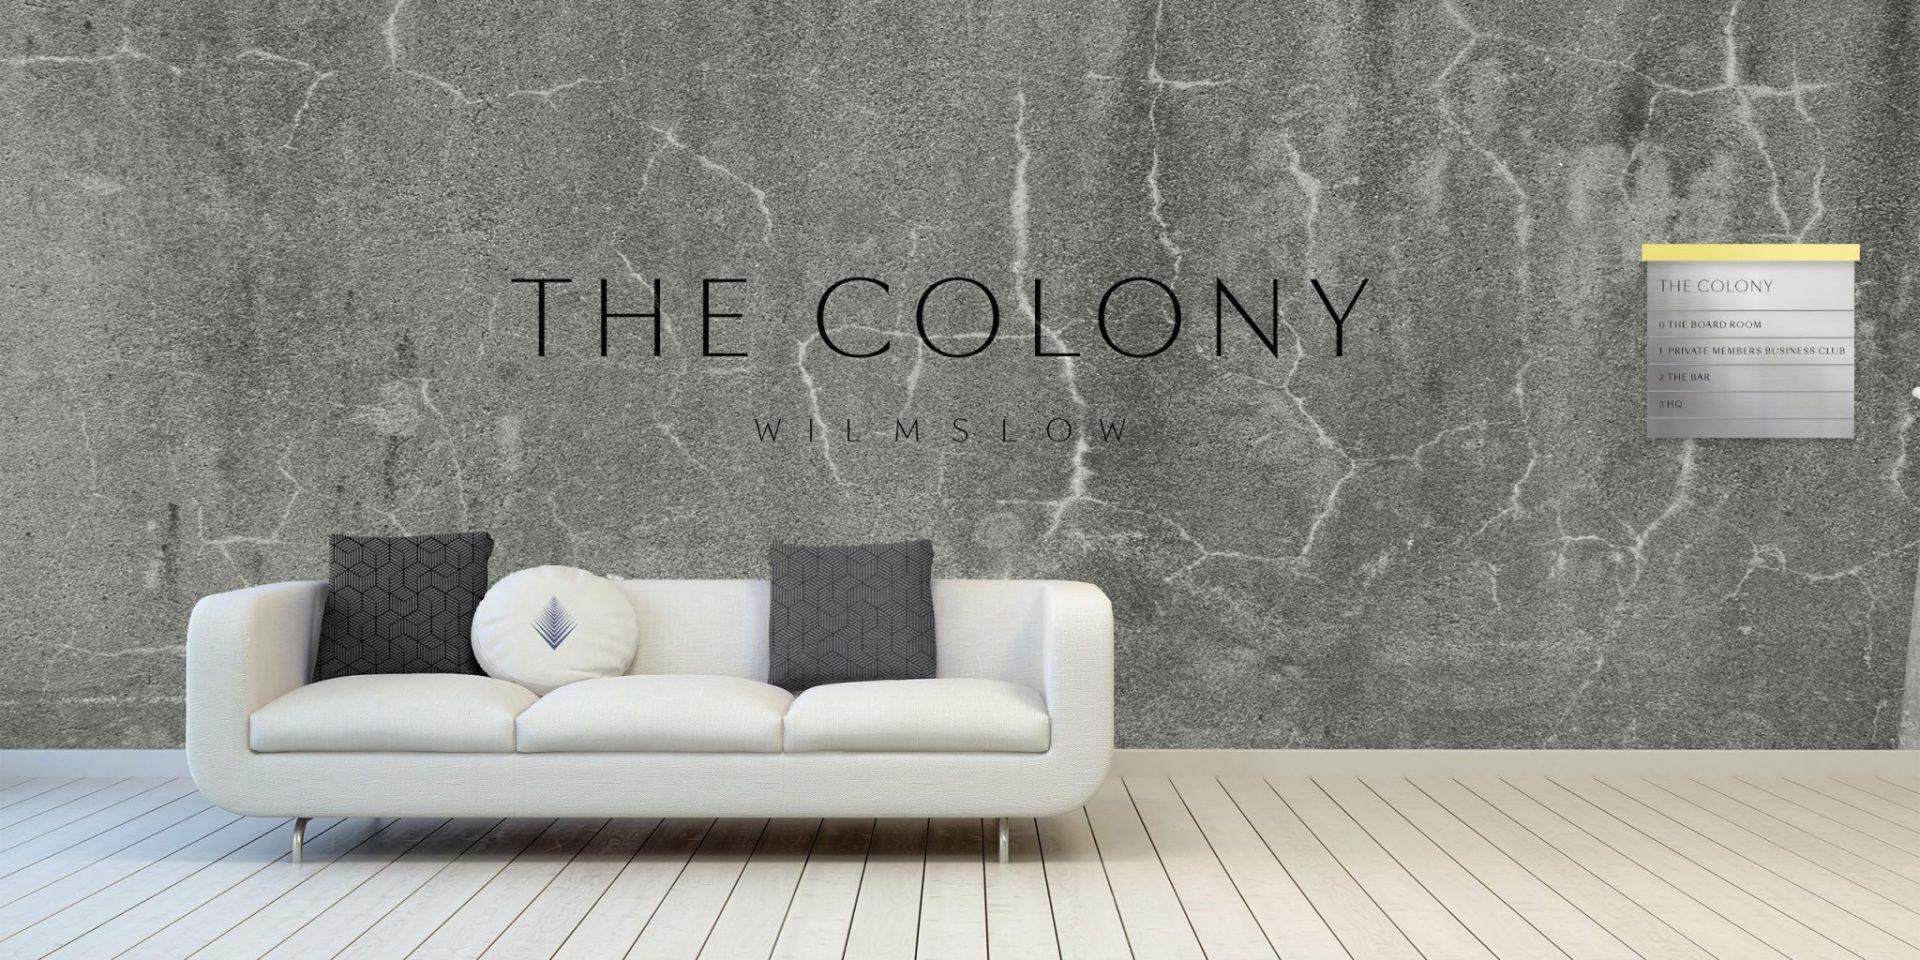 The-Colony-Interior-1-1